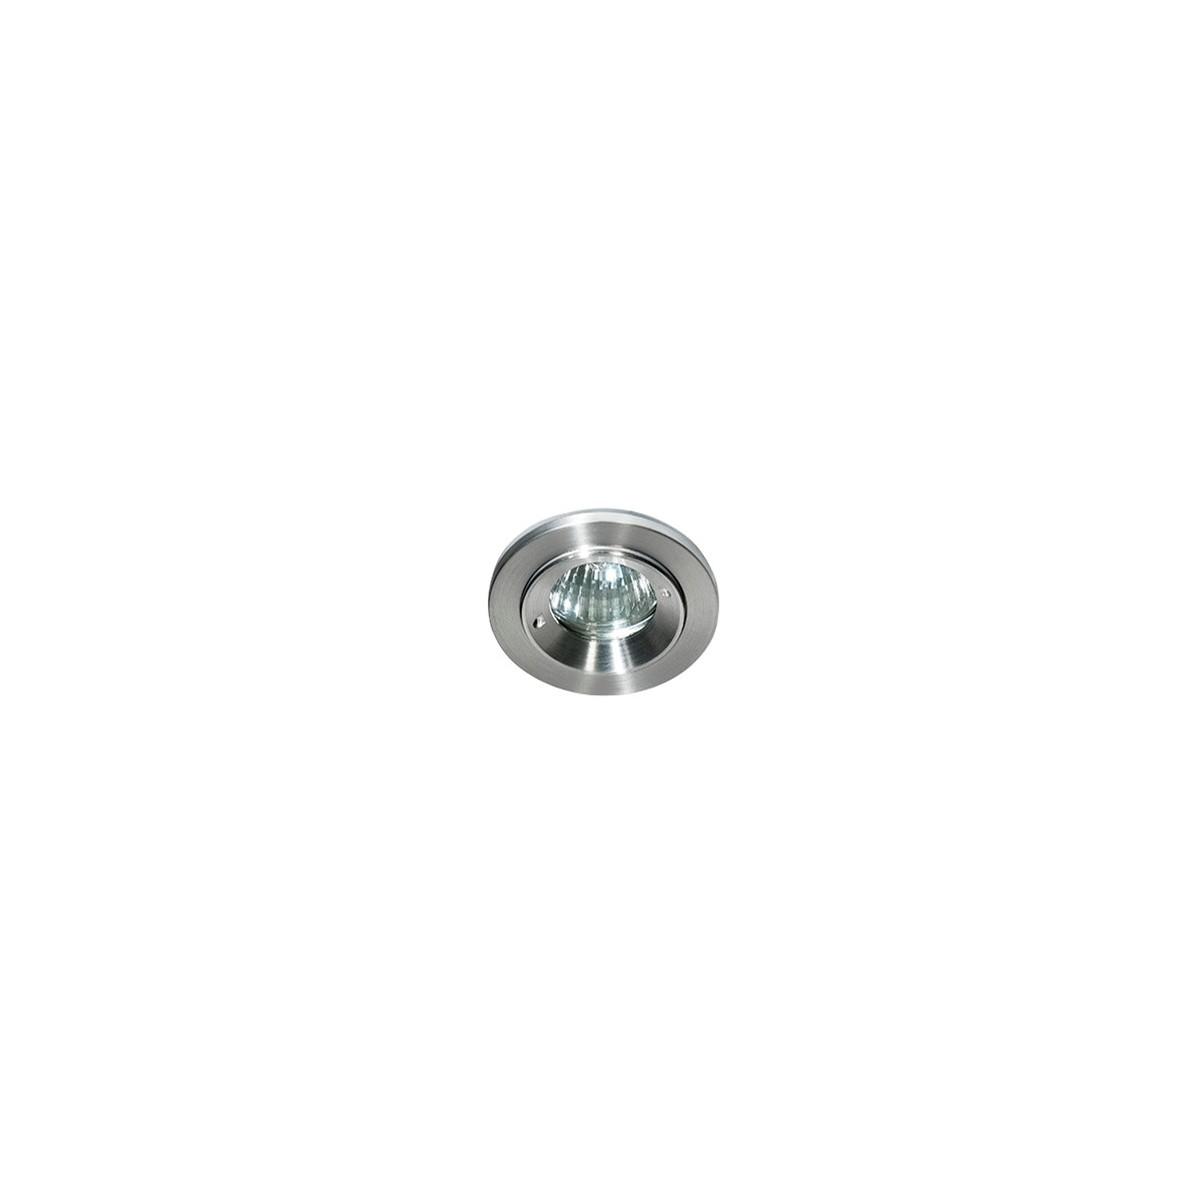 Azzardo TITO 1 ALUMINIUM 1xGU10 Wpuszczana Aluminium IP54 AZ0814